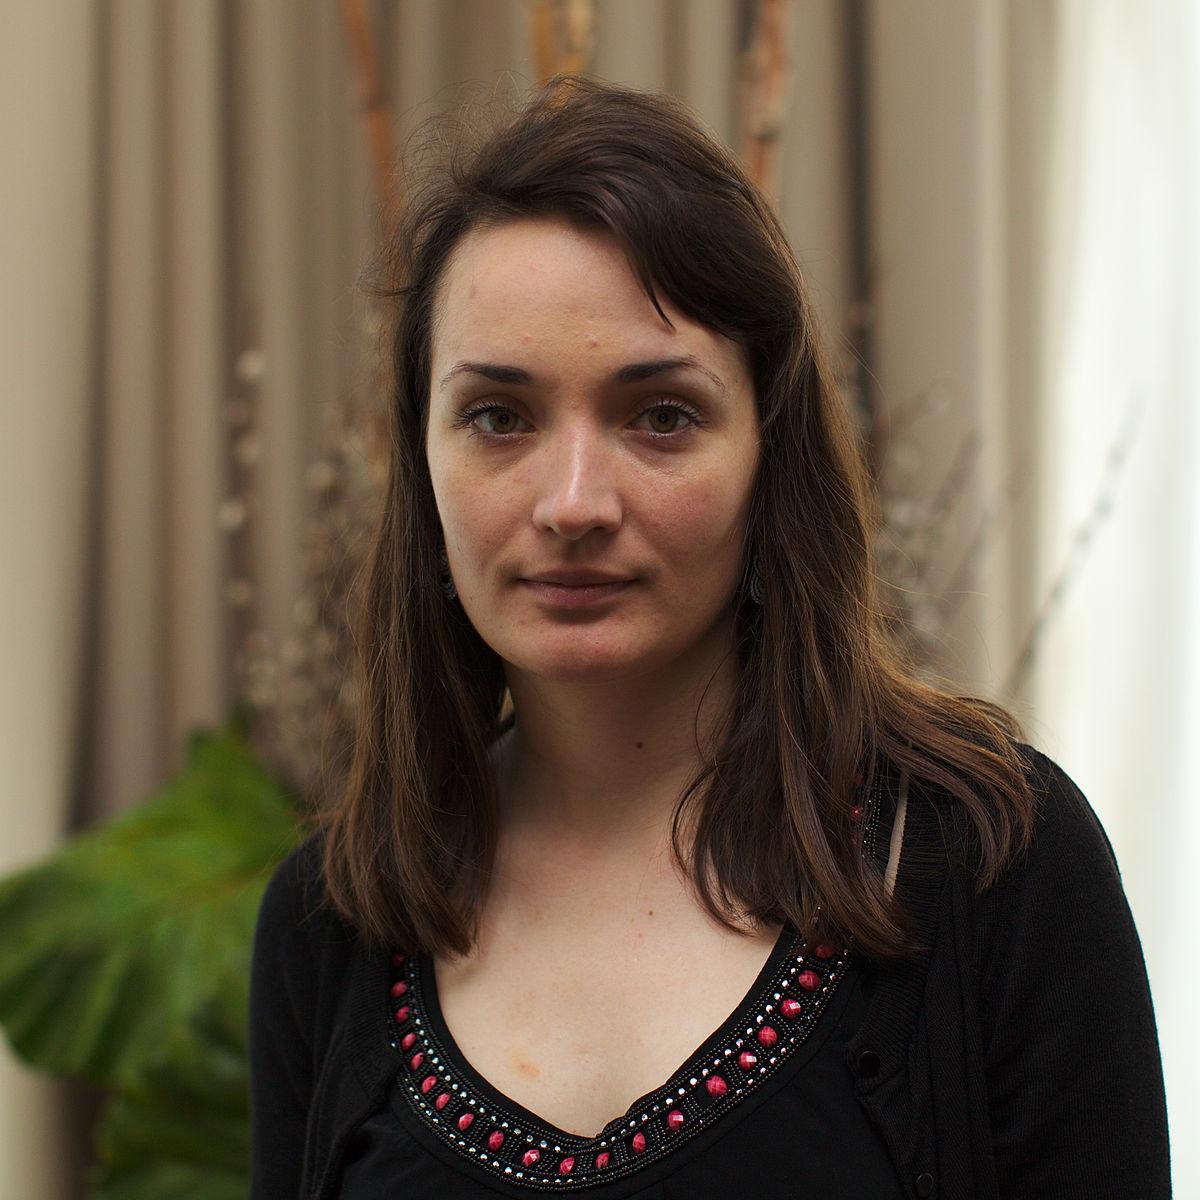 Kateryna Lagno - Wikipedia